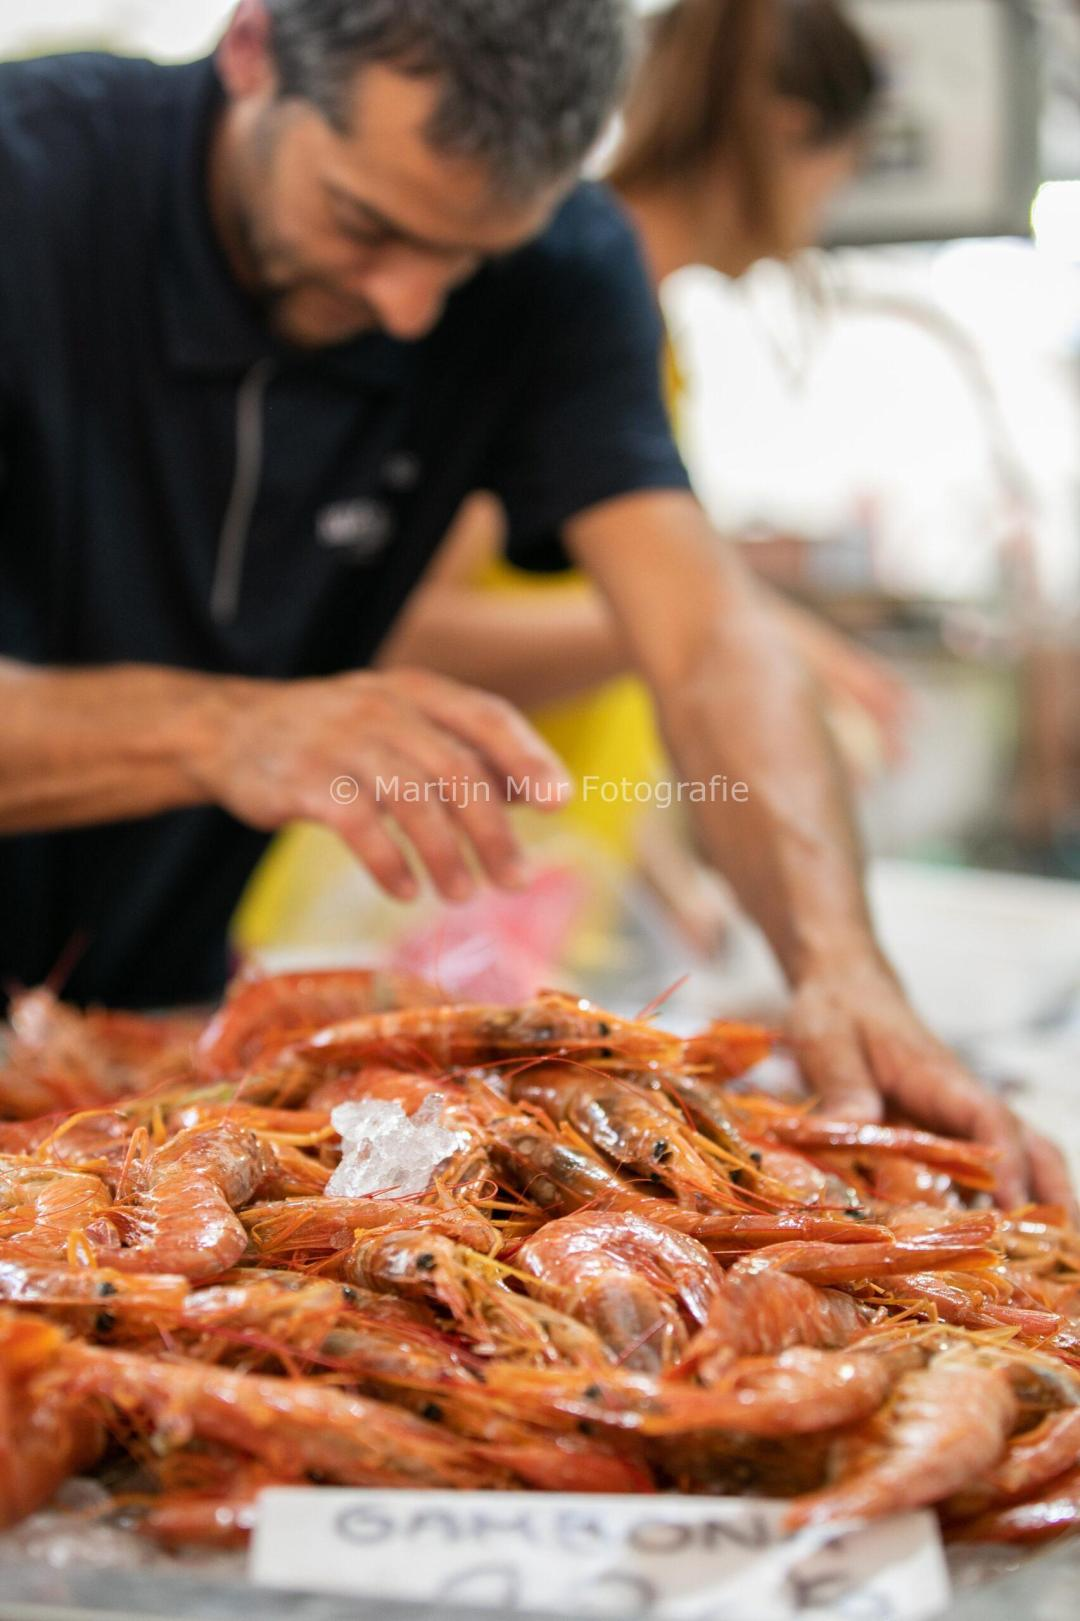 portretfotografie, beroep in beeld, bedrijfsfotografie, visverkoper, markt